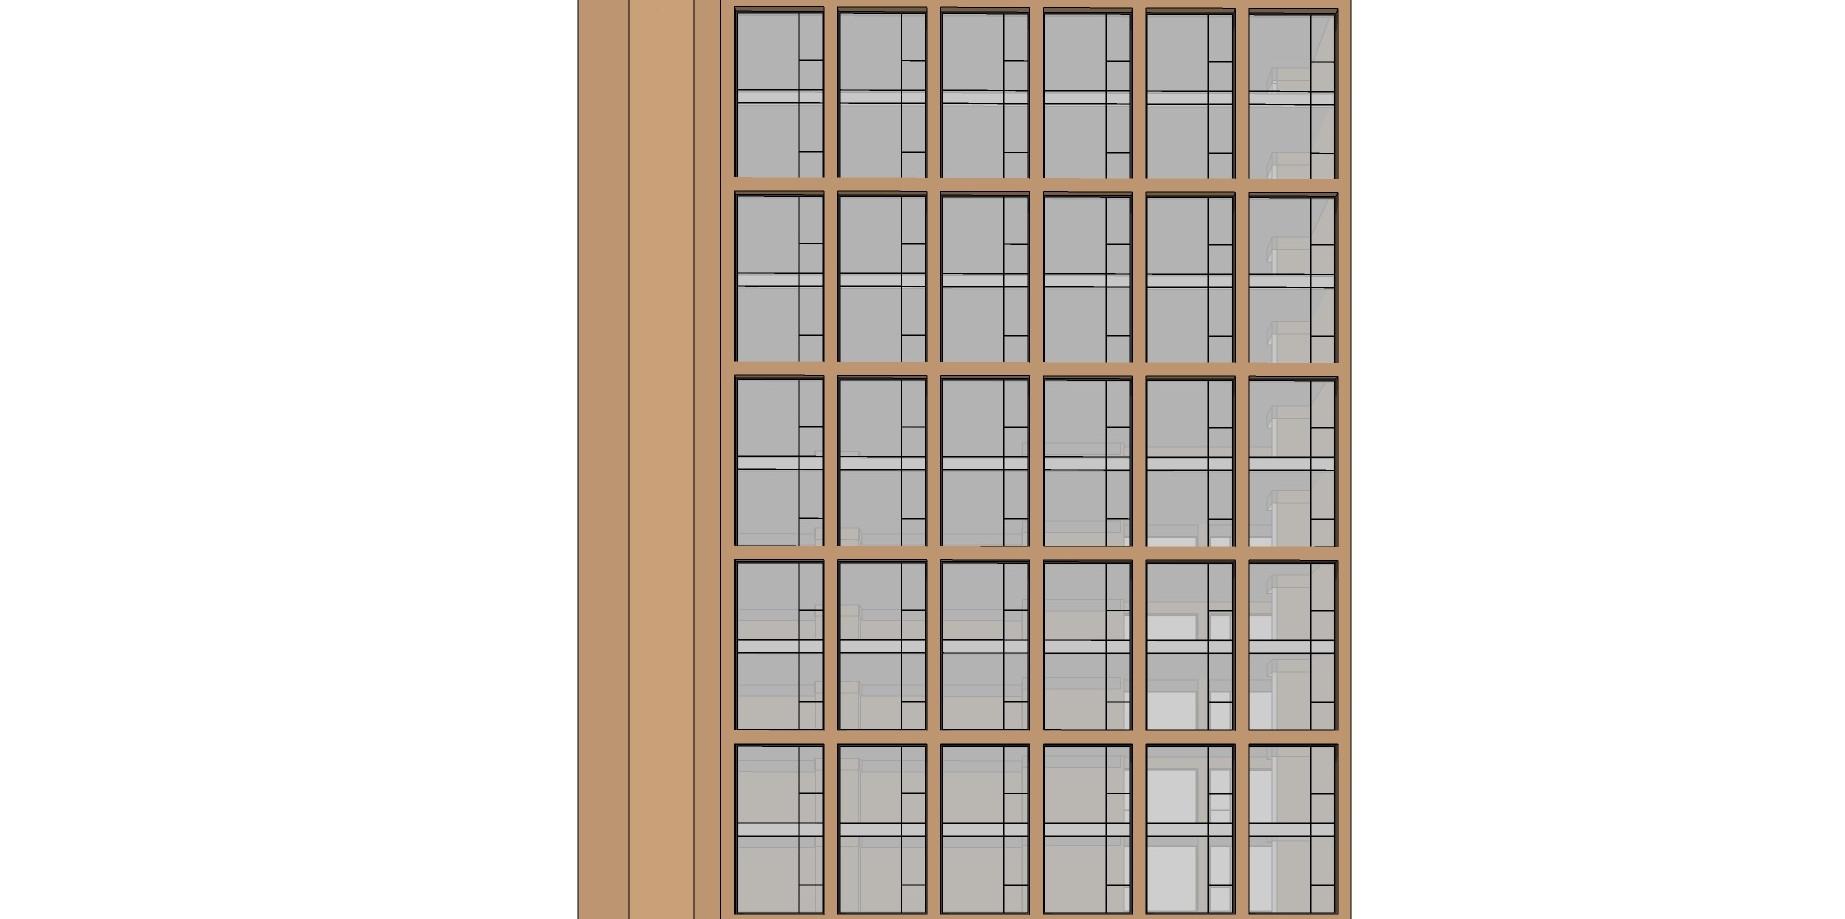 170602  - 부라더 대전 리빙텔 alt2-3.jpg